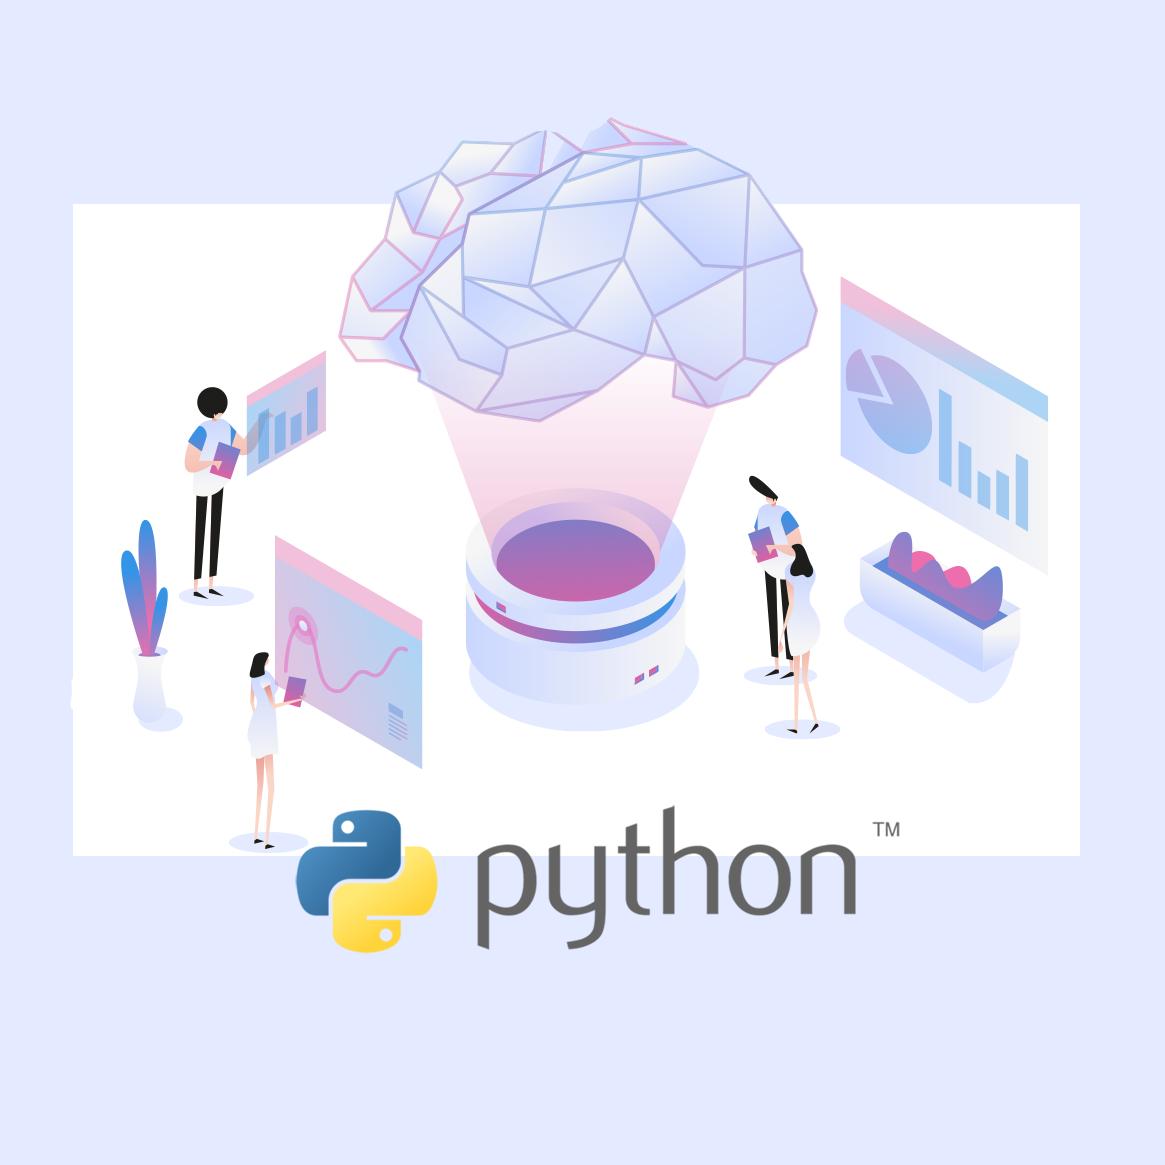 Corso in Programmazione Python Tivoli Forma Academy - machine learning